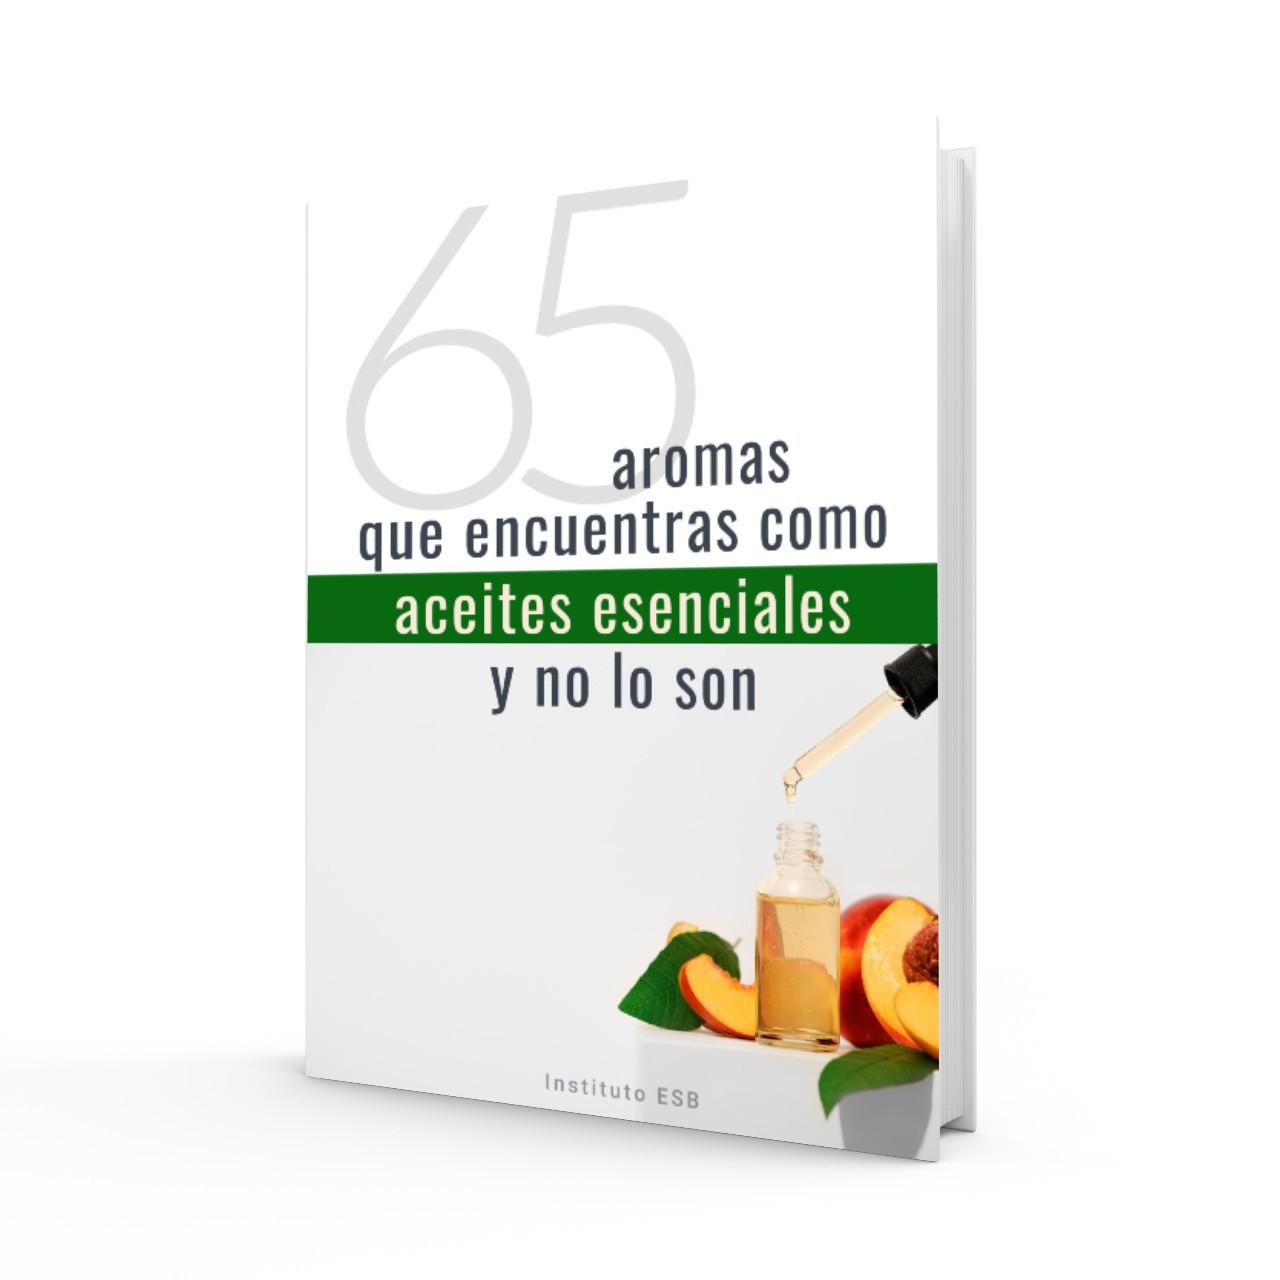 65 aromas que no son aceites esenciales